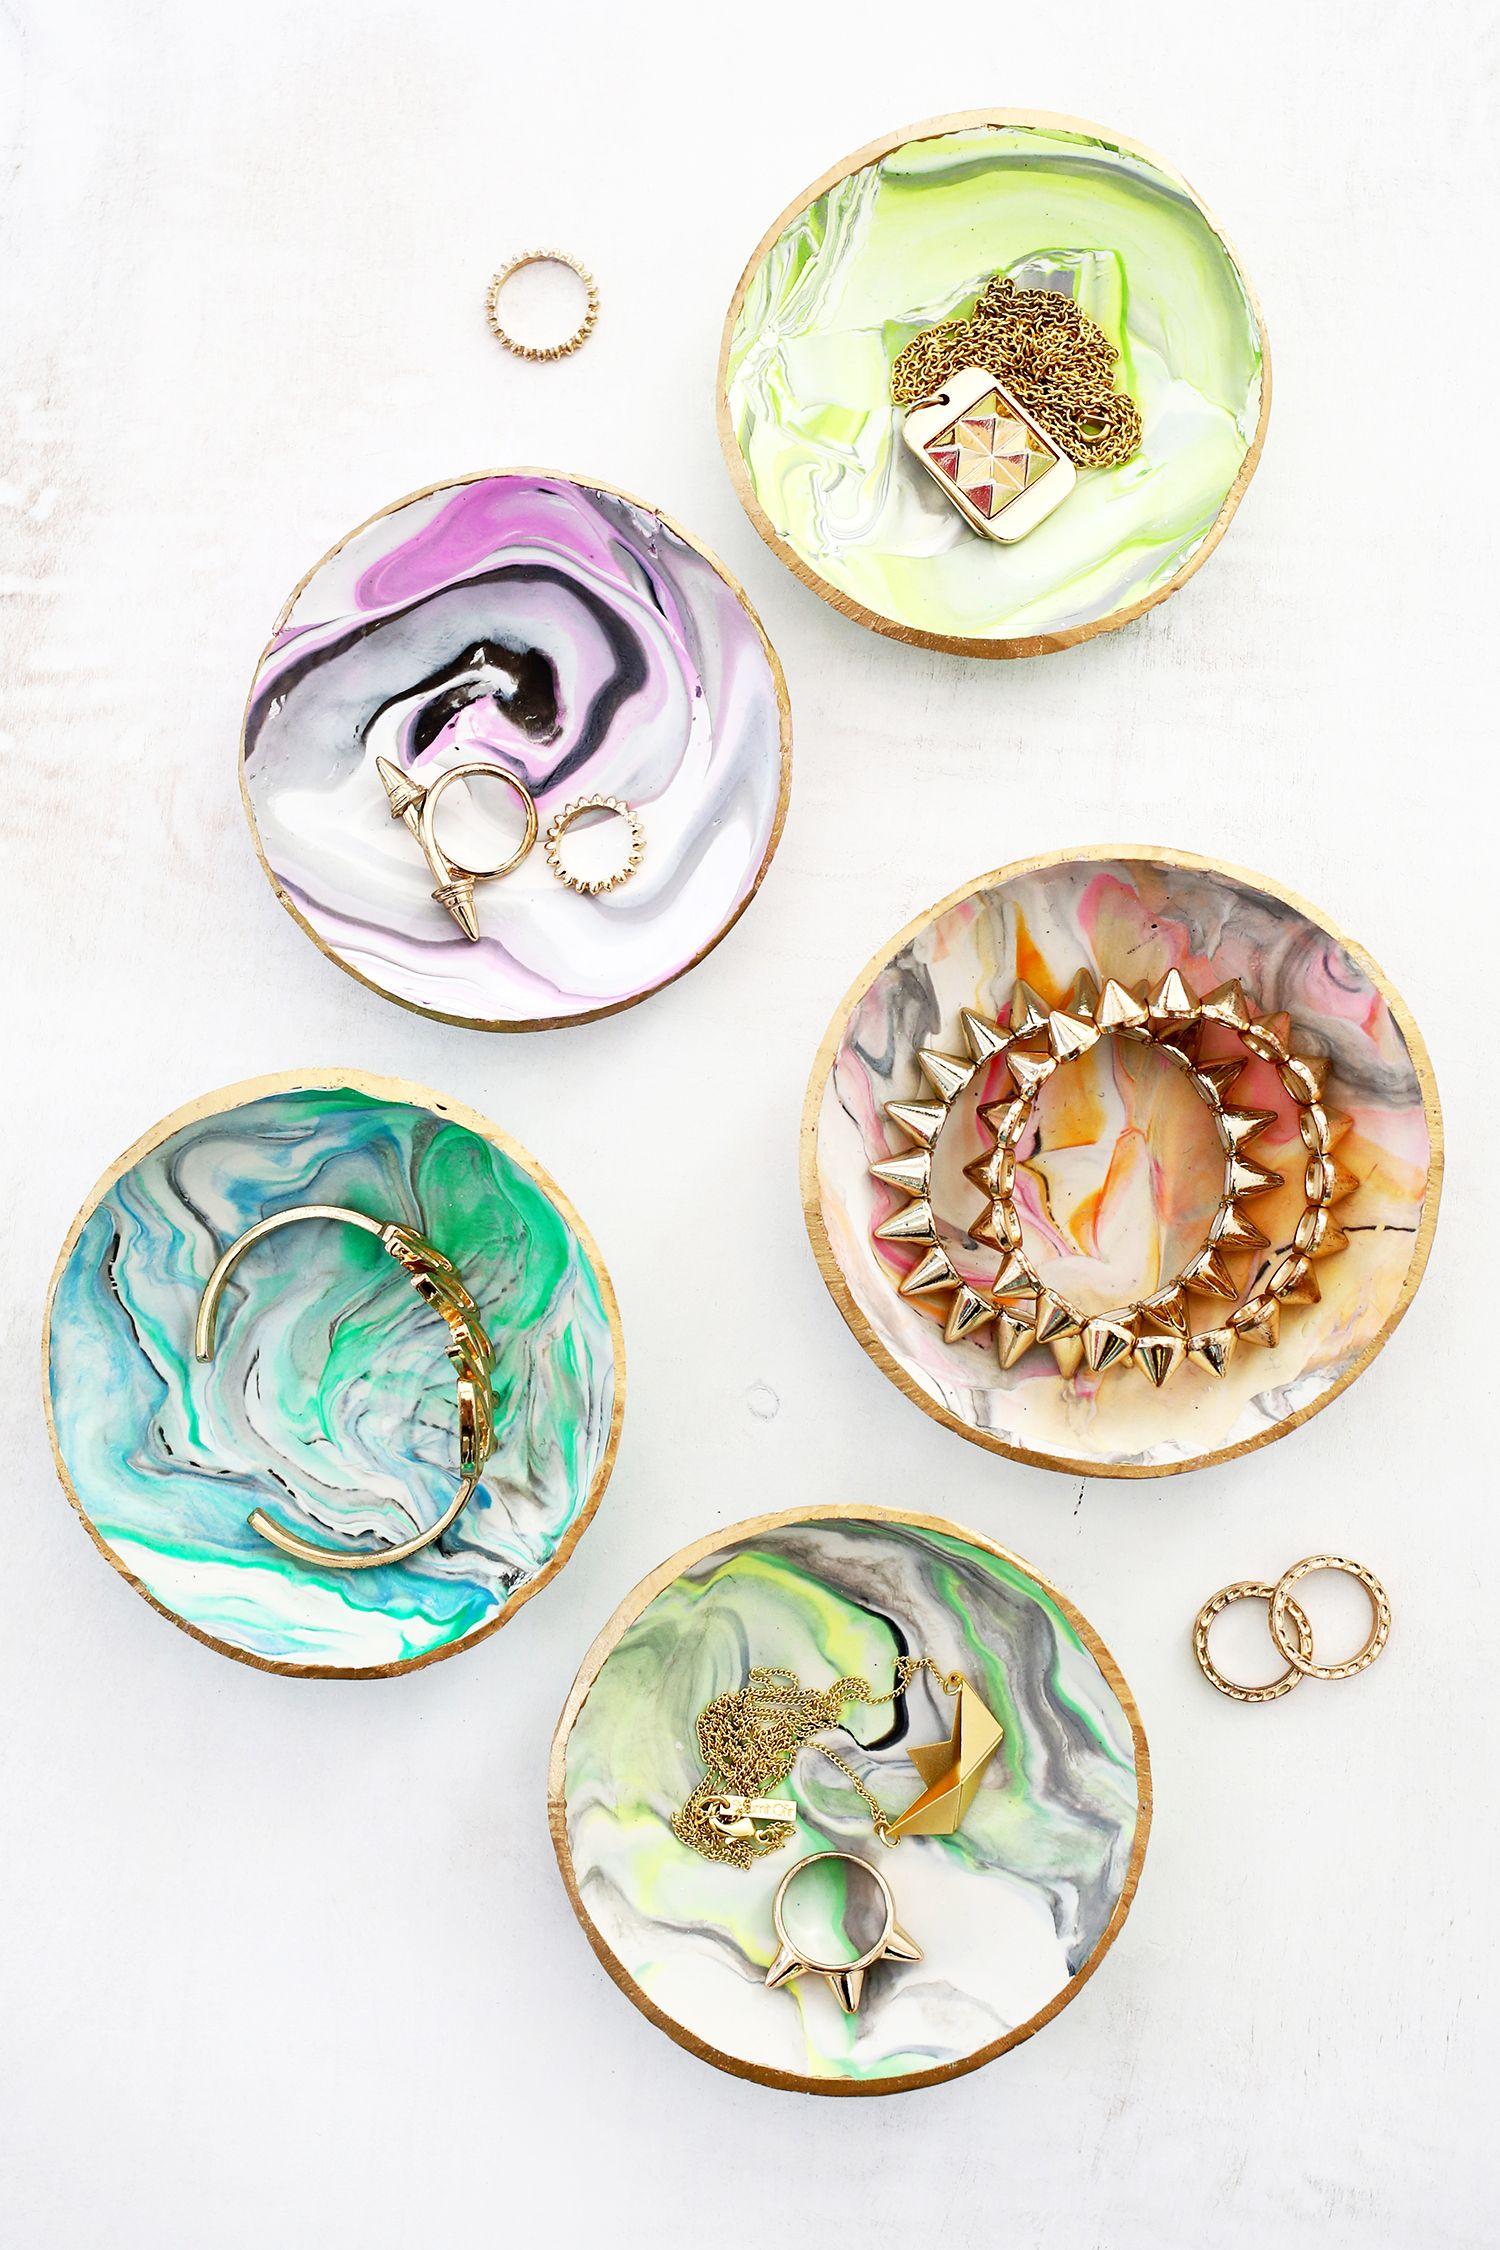 Inspirierend orientalische Tischdeko Selber Machen Schema